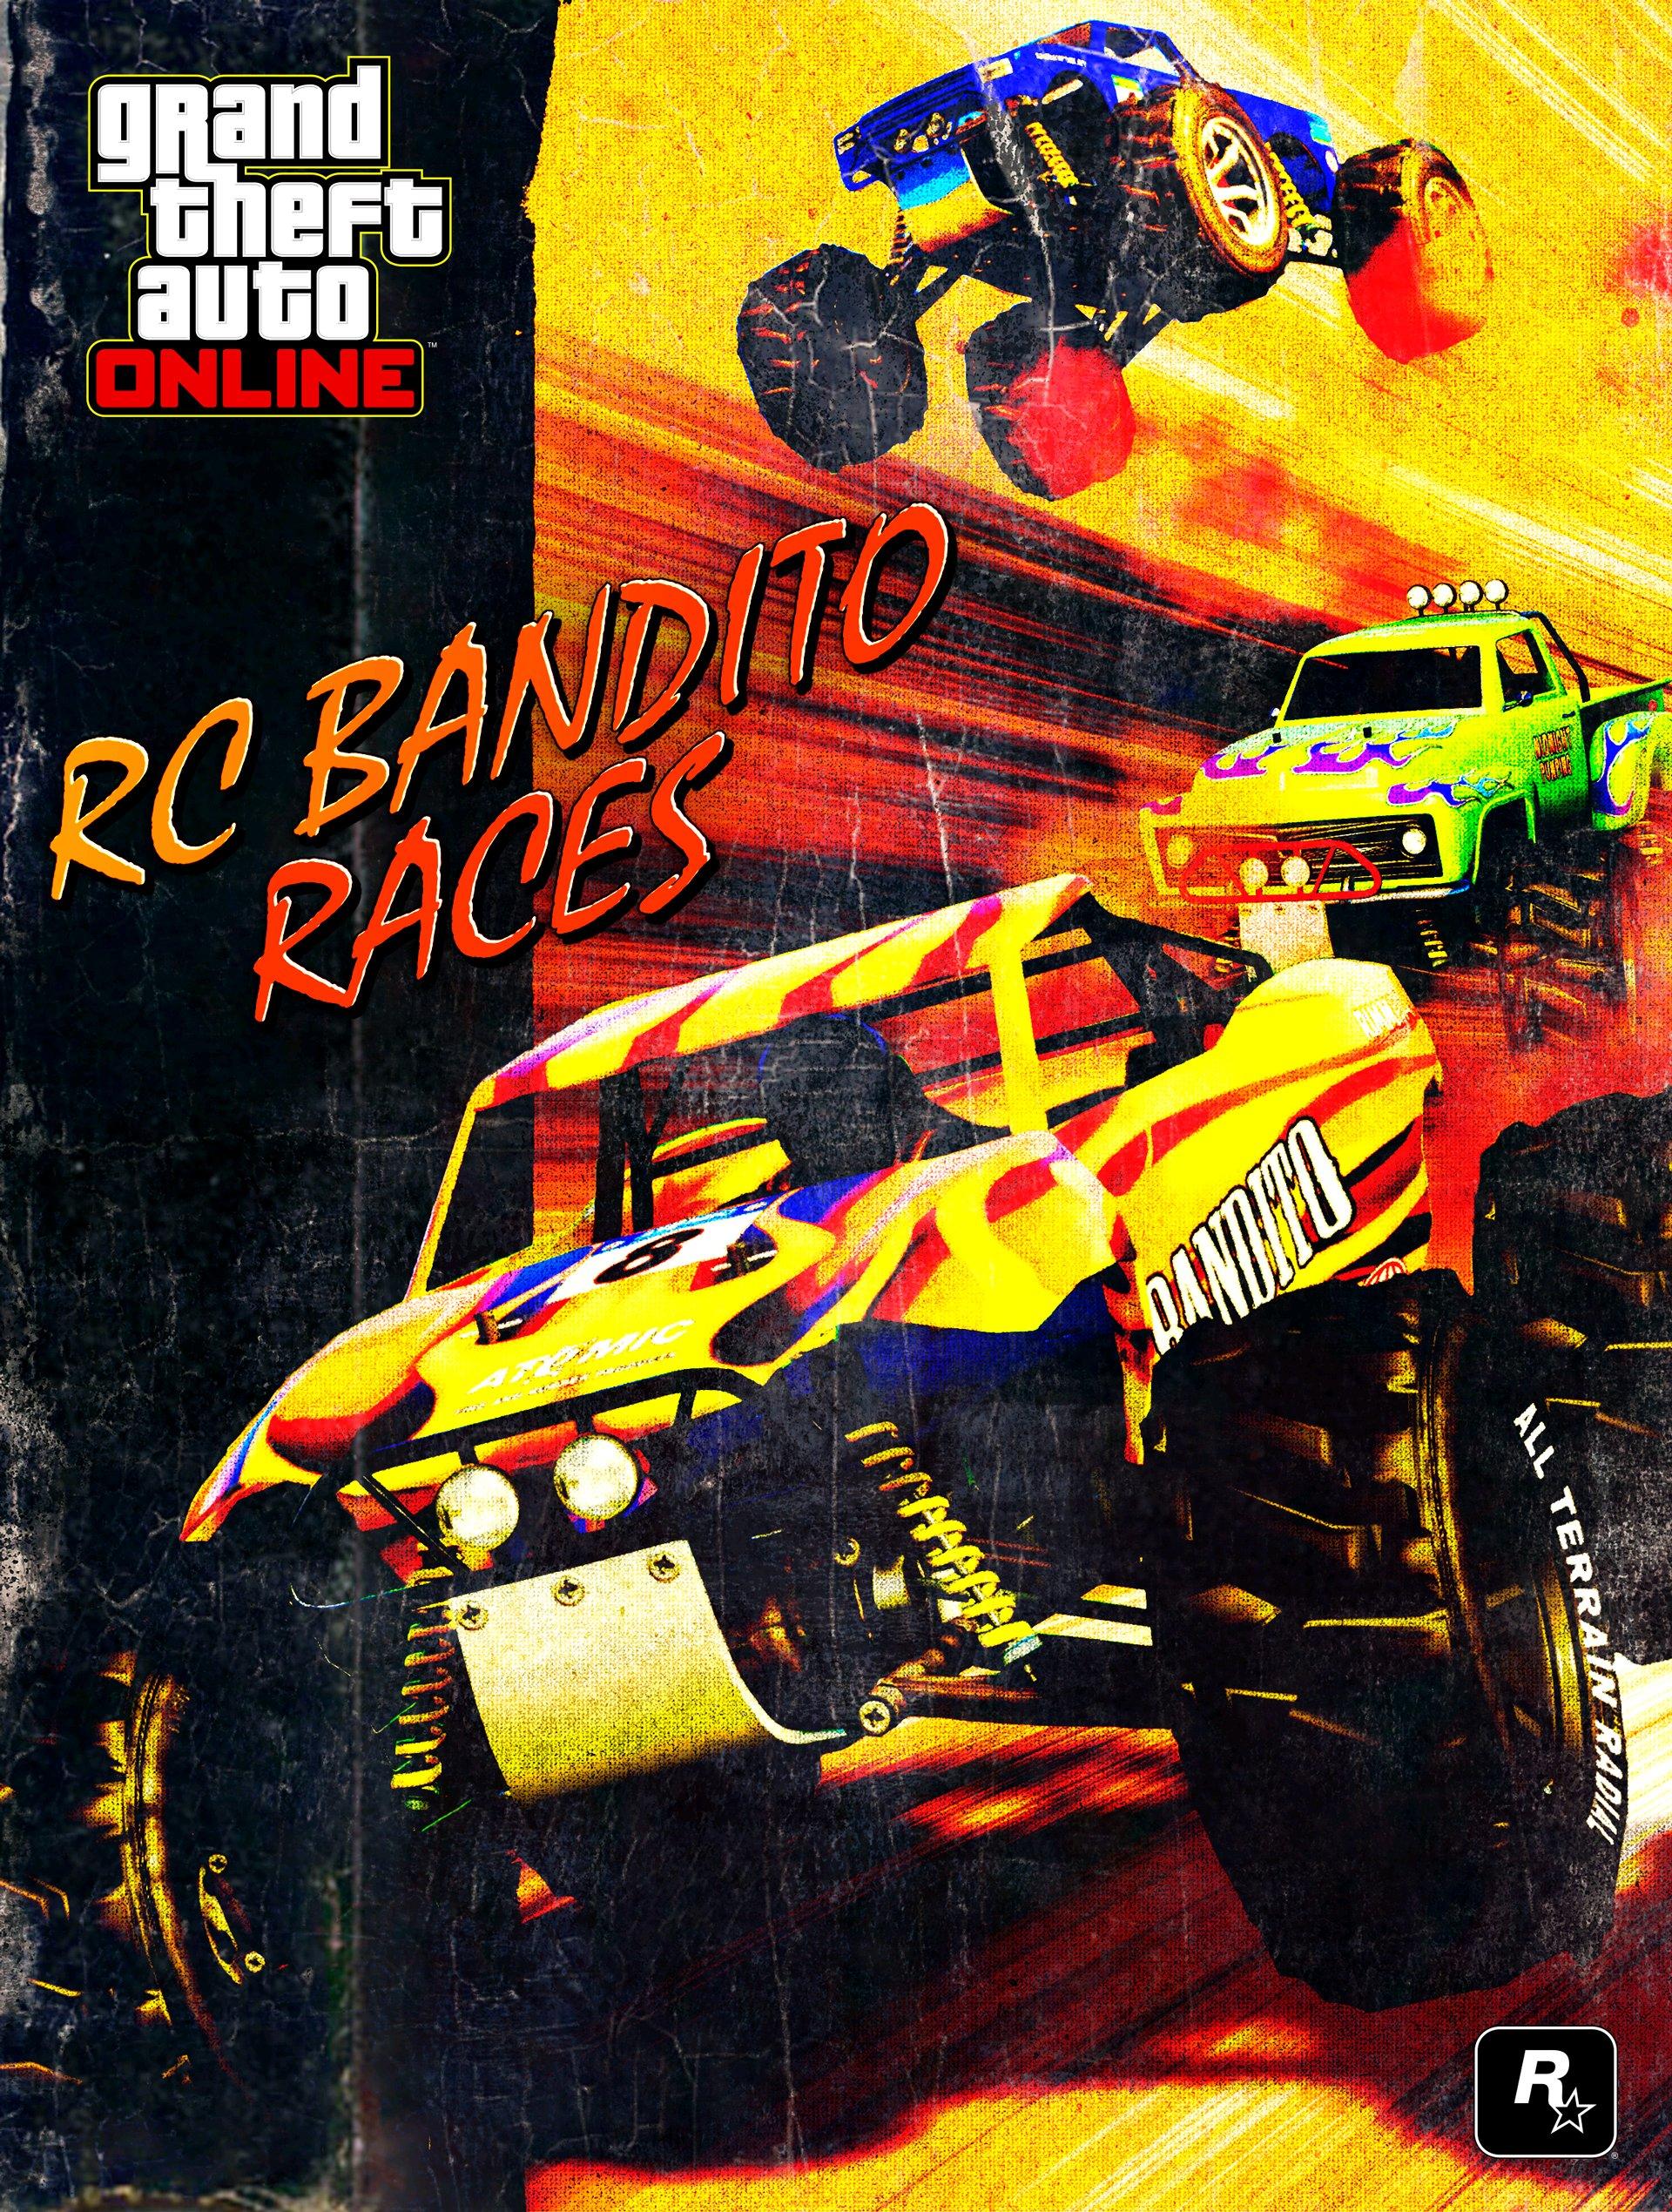 《侠盗猎车OL》迎来更新 加入全新RC越野车和竞技场